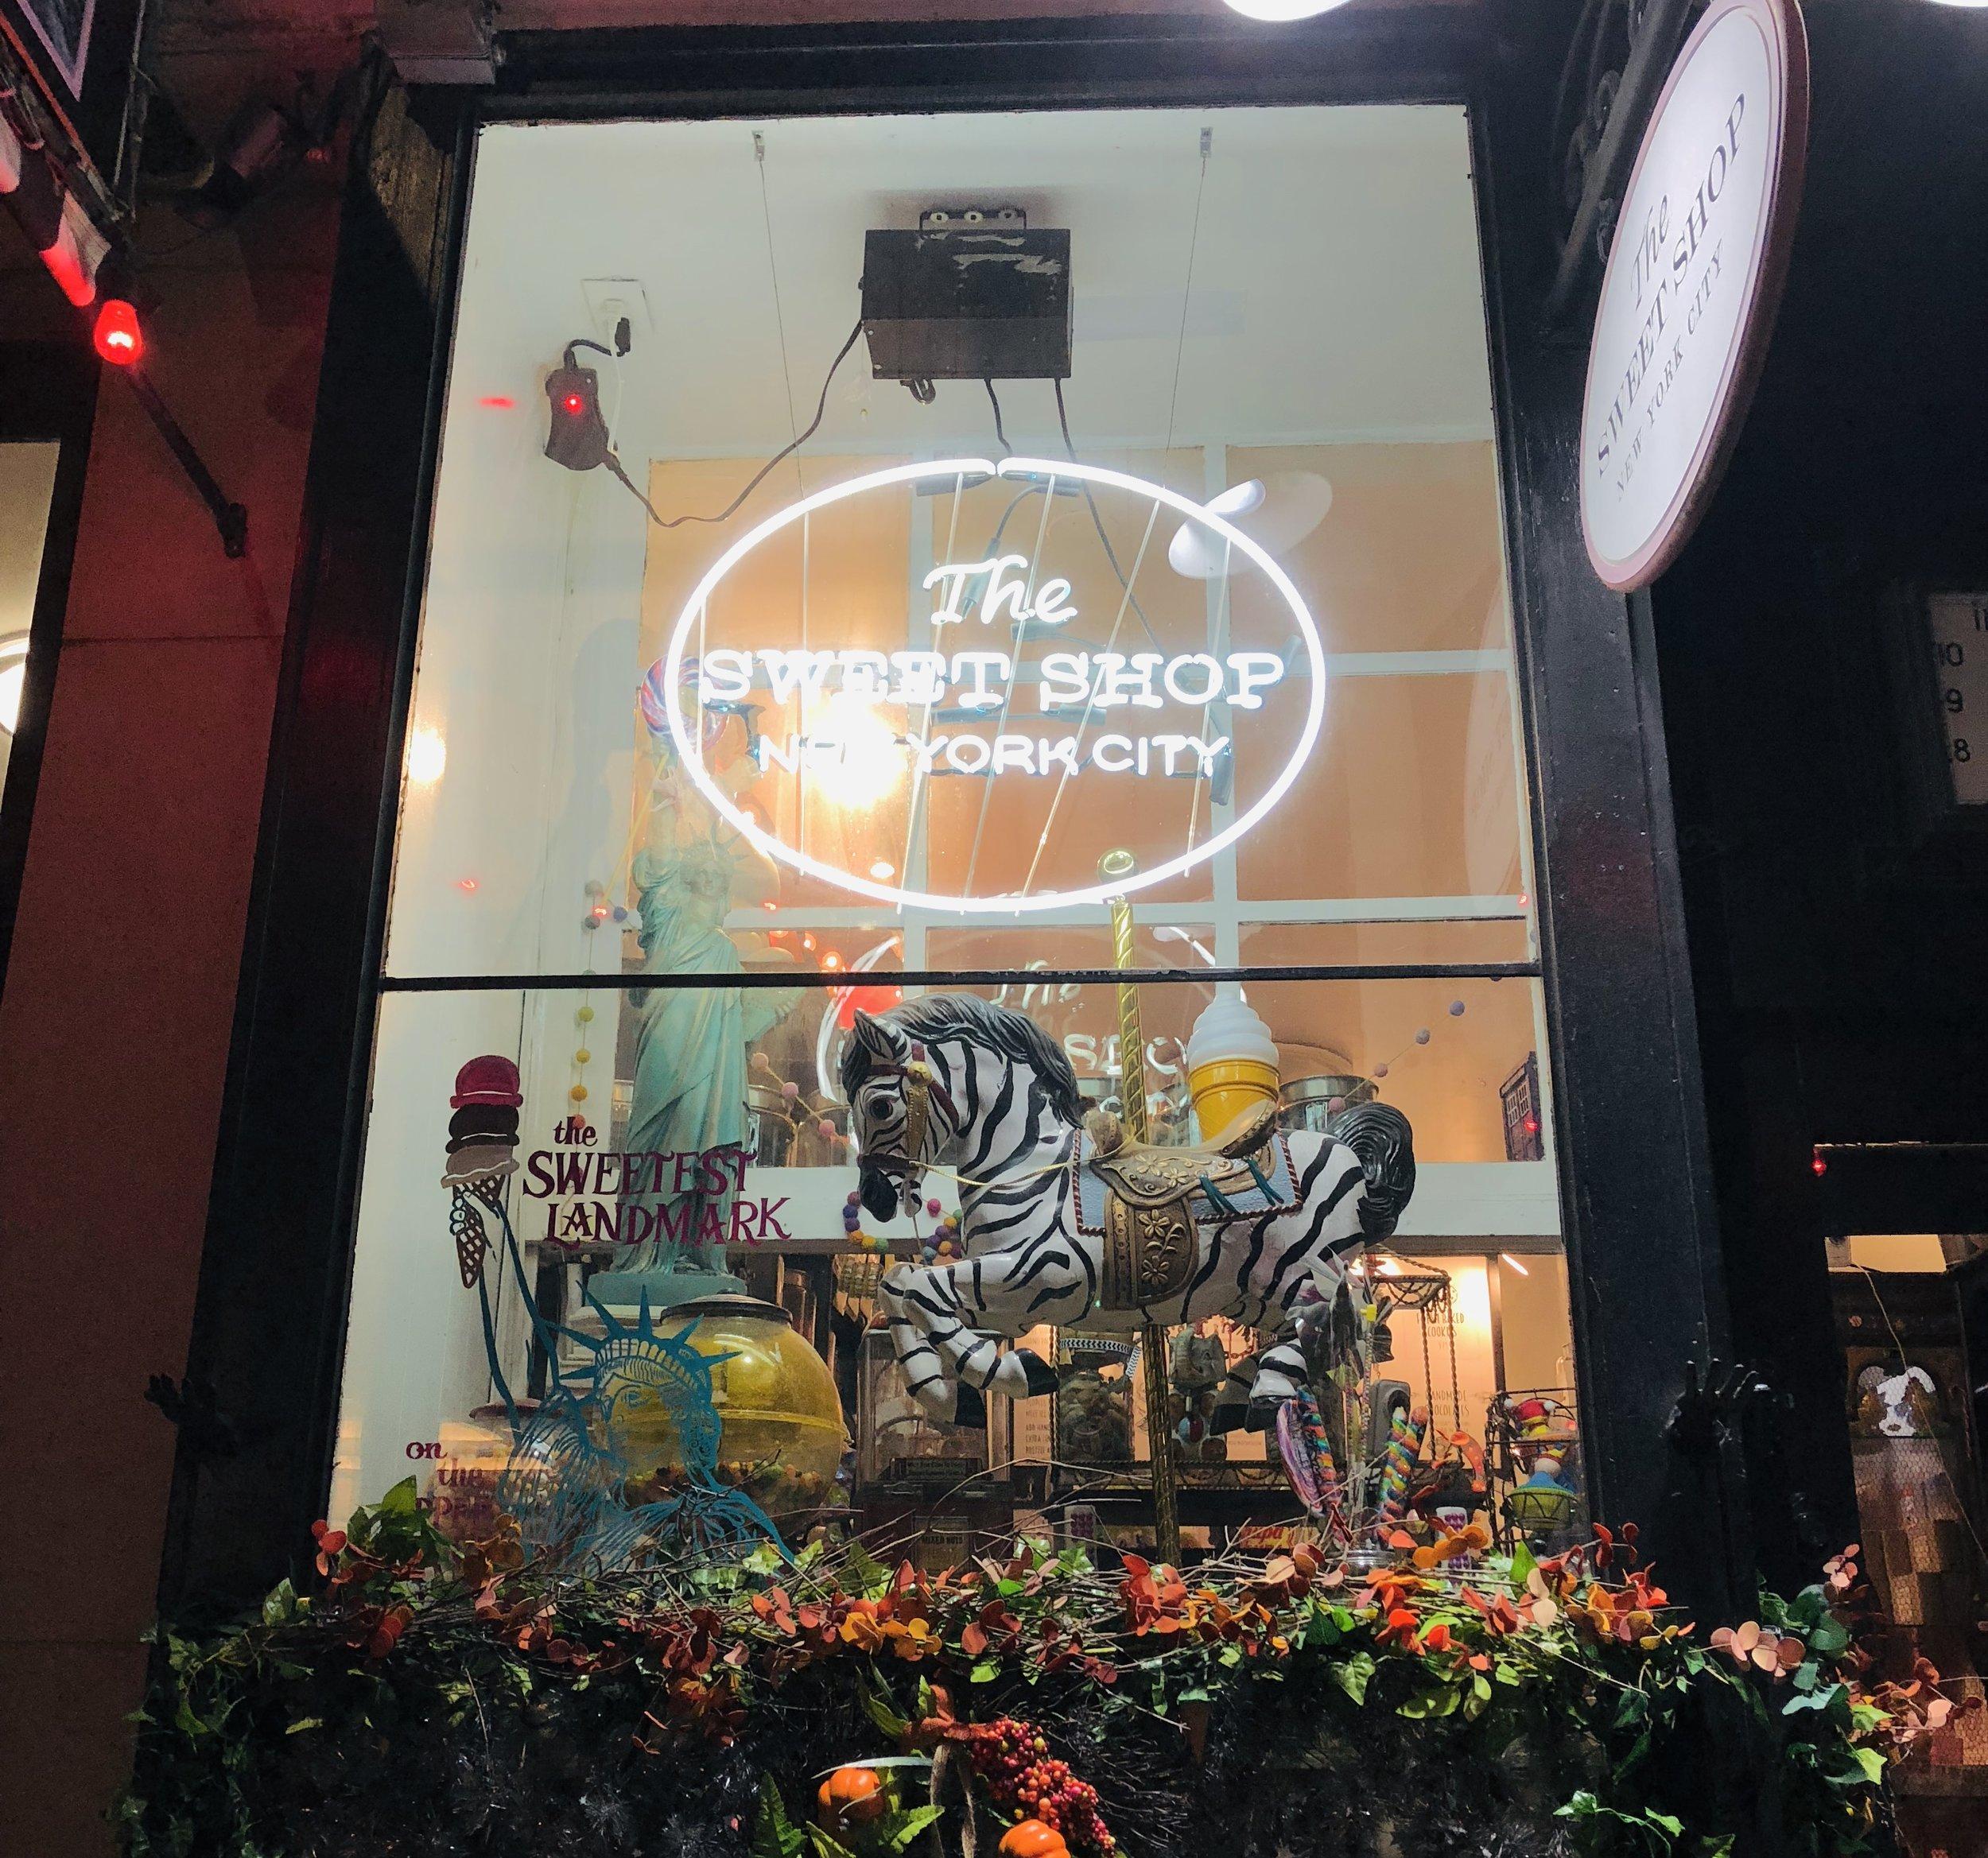 Photo by Sara Kreski, The Sweet Shop, September 2018.